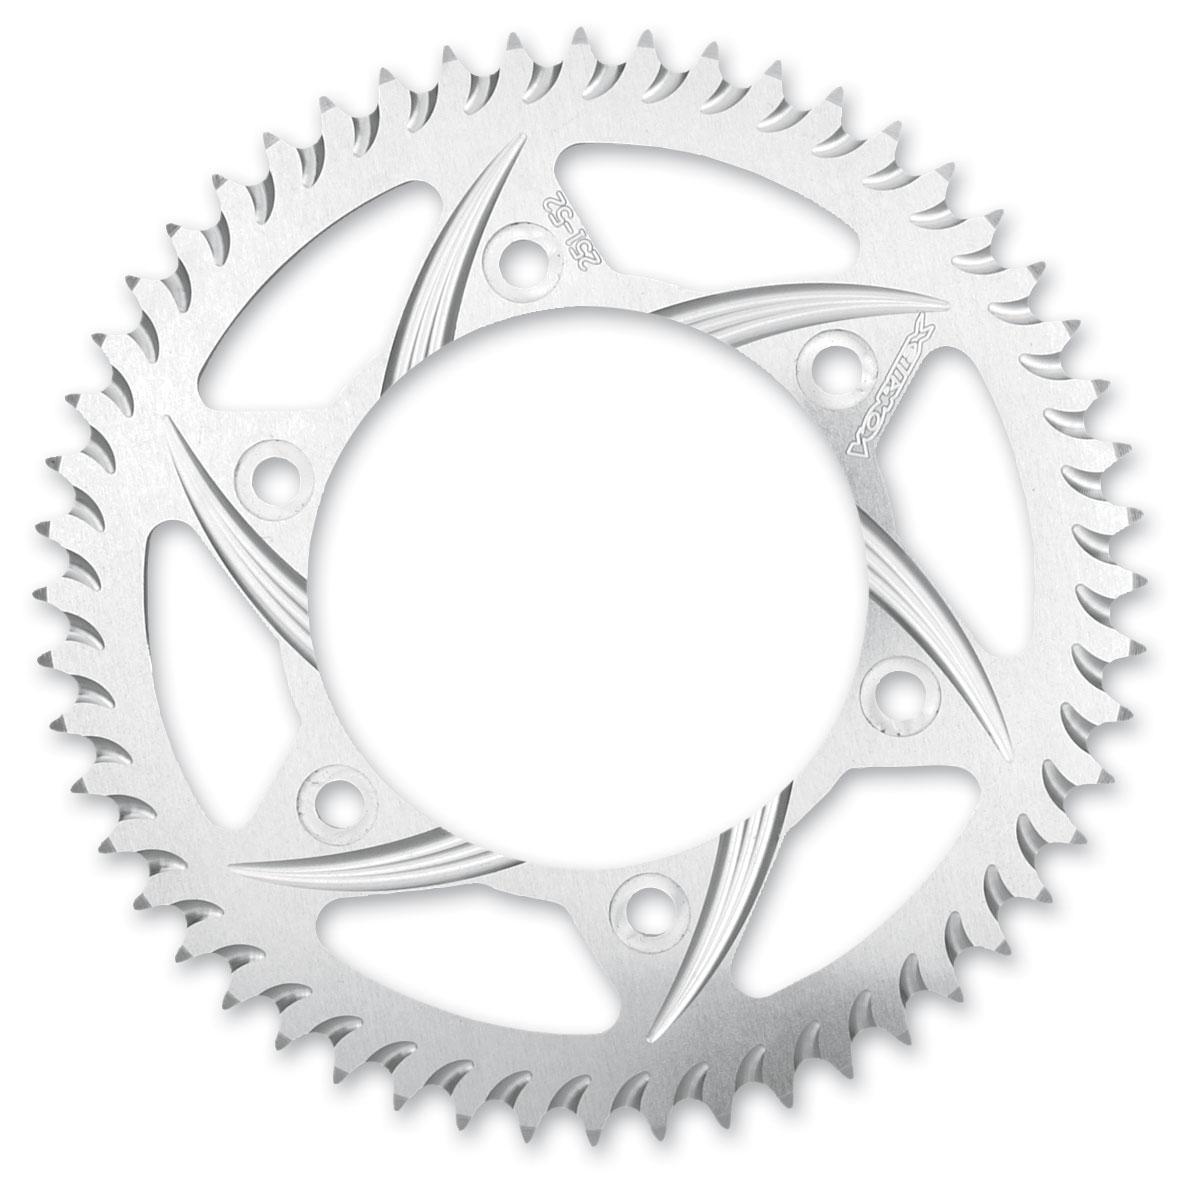 Vortex Rear Sprocket 520 Conversion 41T Silver